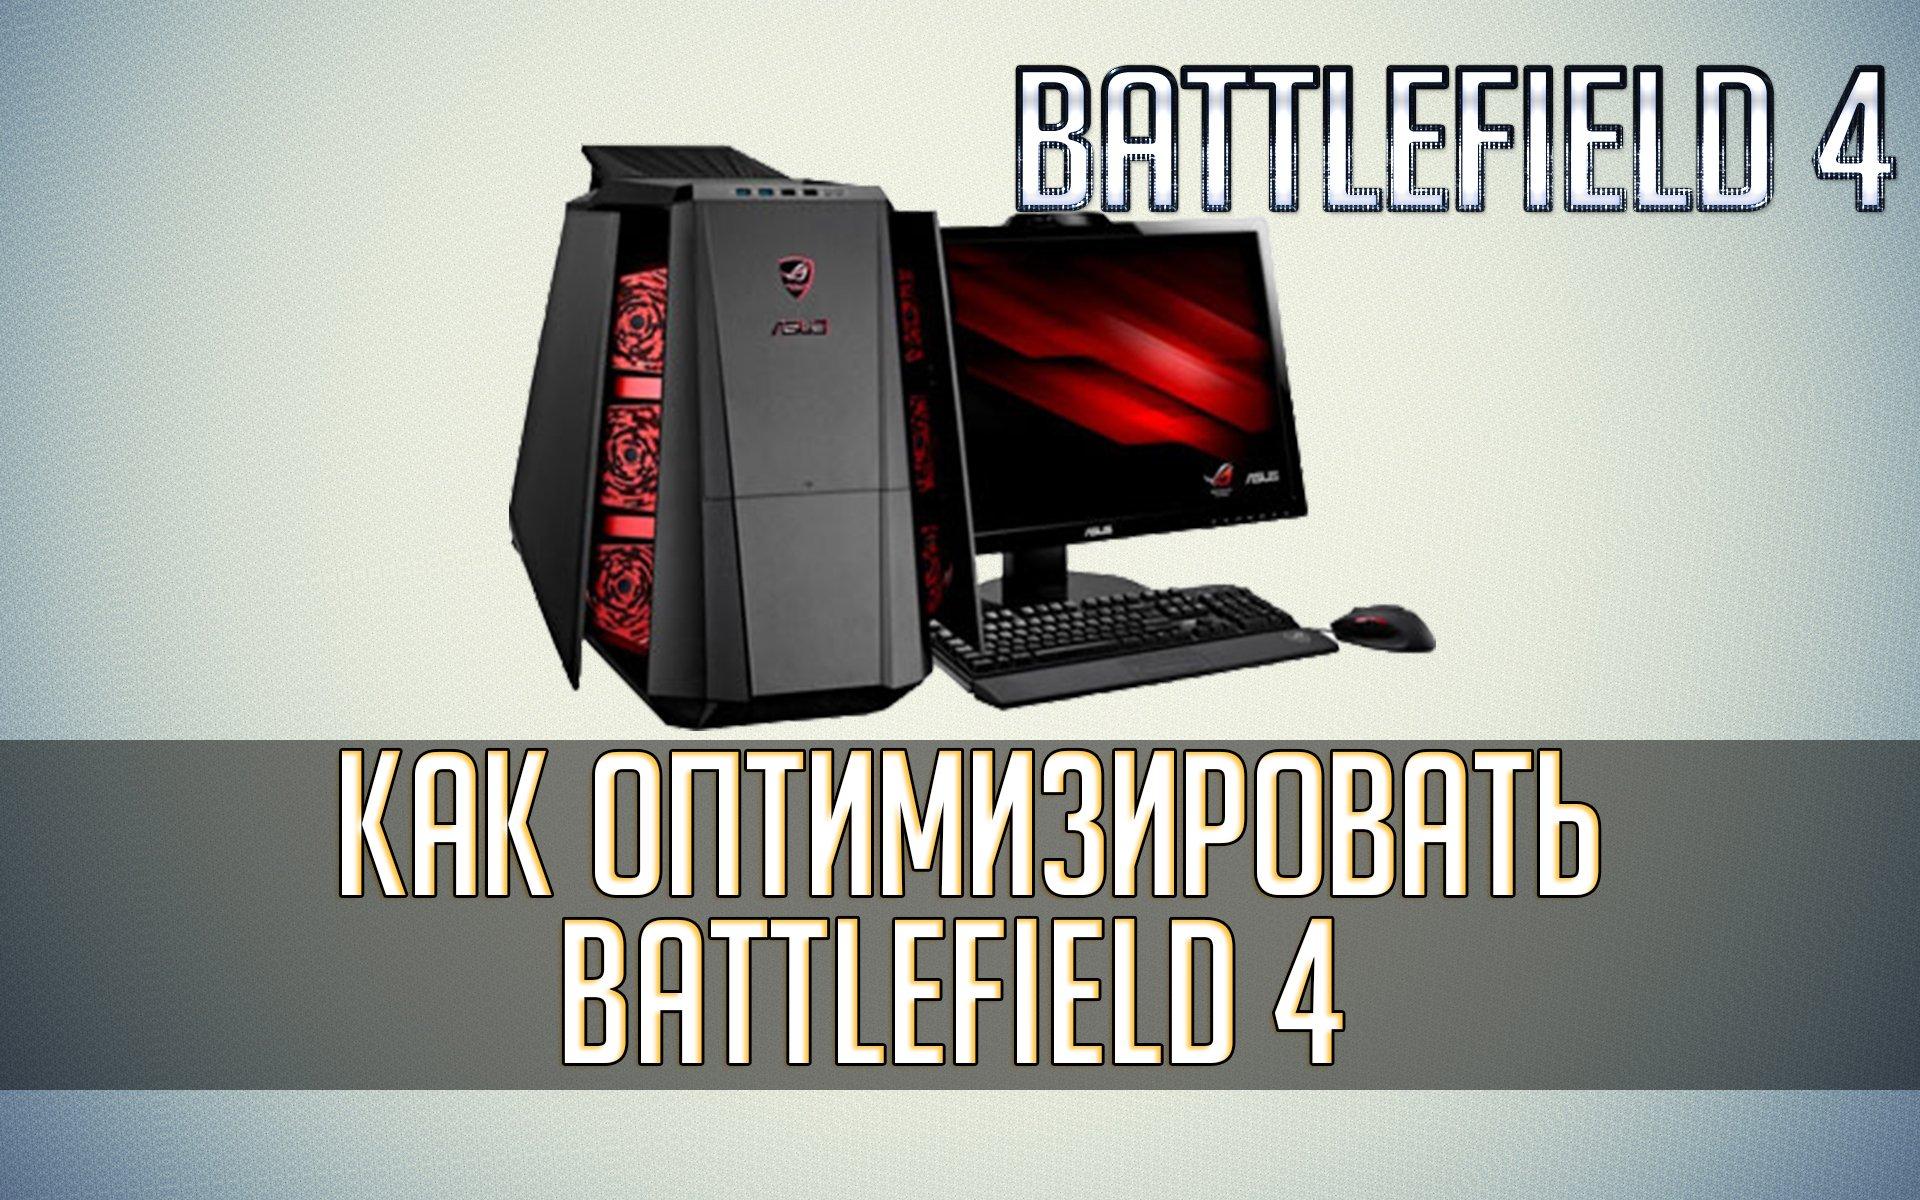 Как оптимизировать Battlefield 4  - Изображение 1